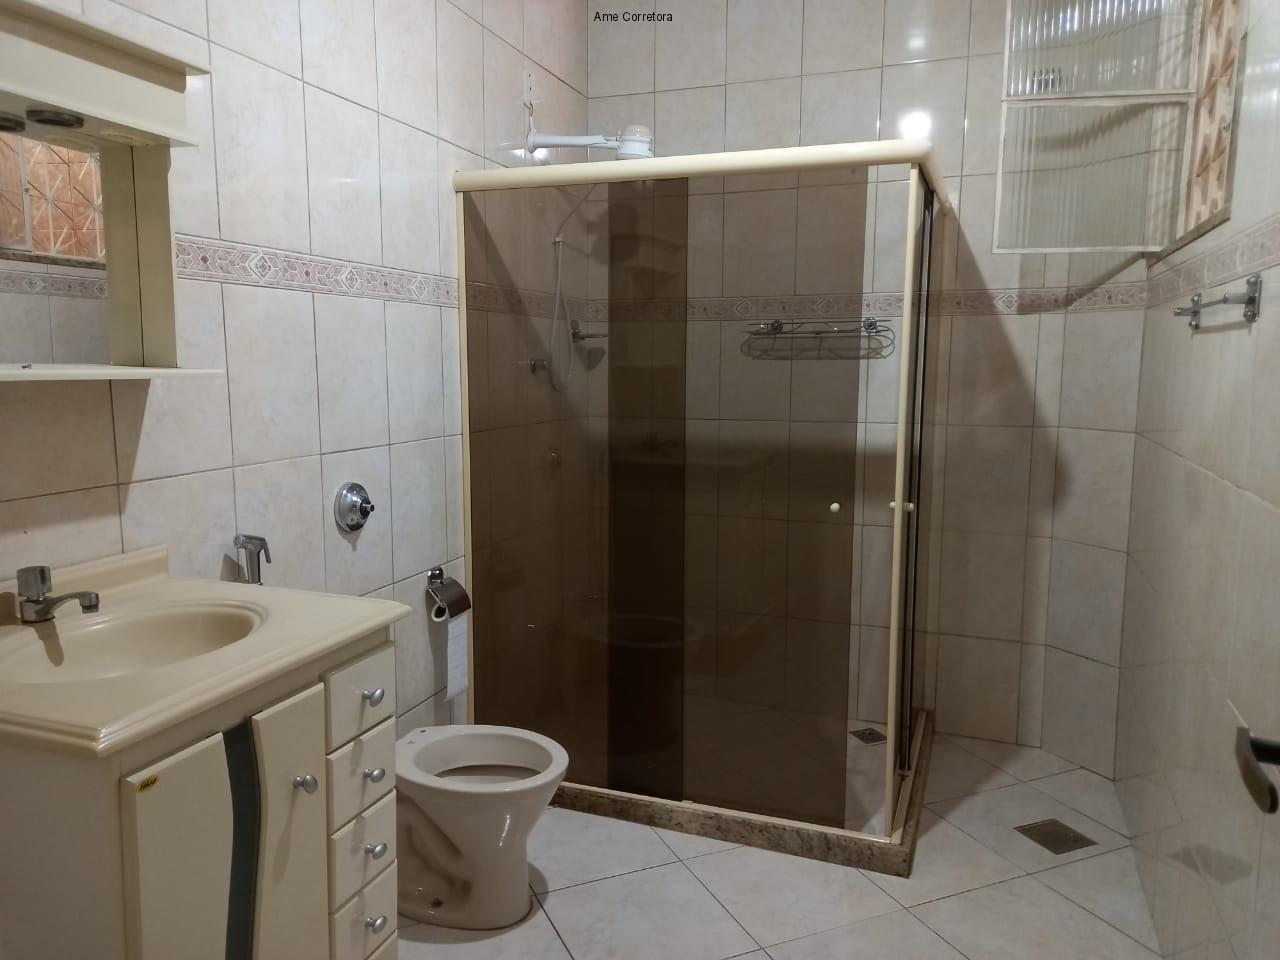 FOTO 17 - Casa 2 quartos para venda e aluguel Campo Grande, Rio de Janeiro - R$ 200.000 - CA00863 - 16